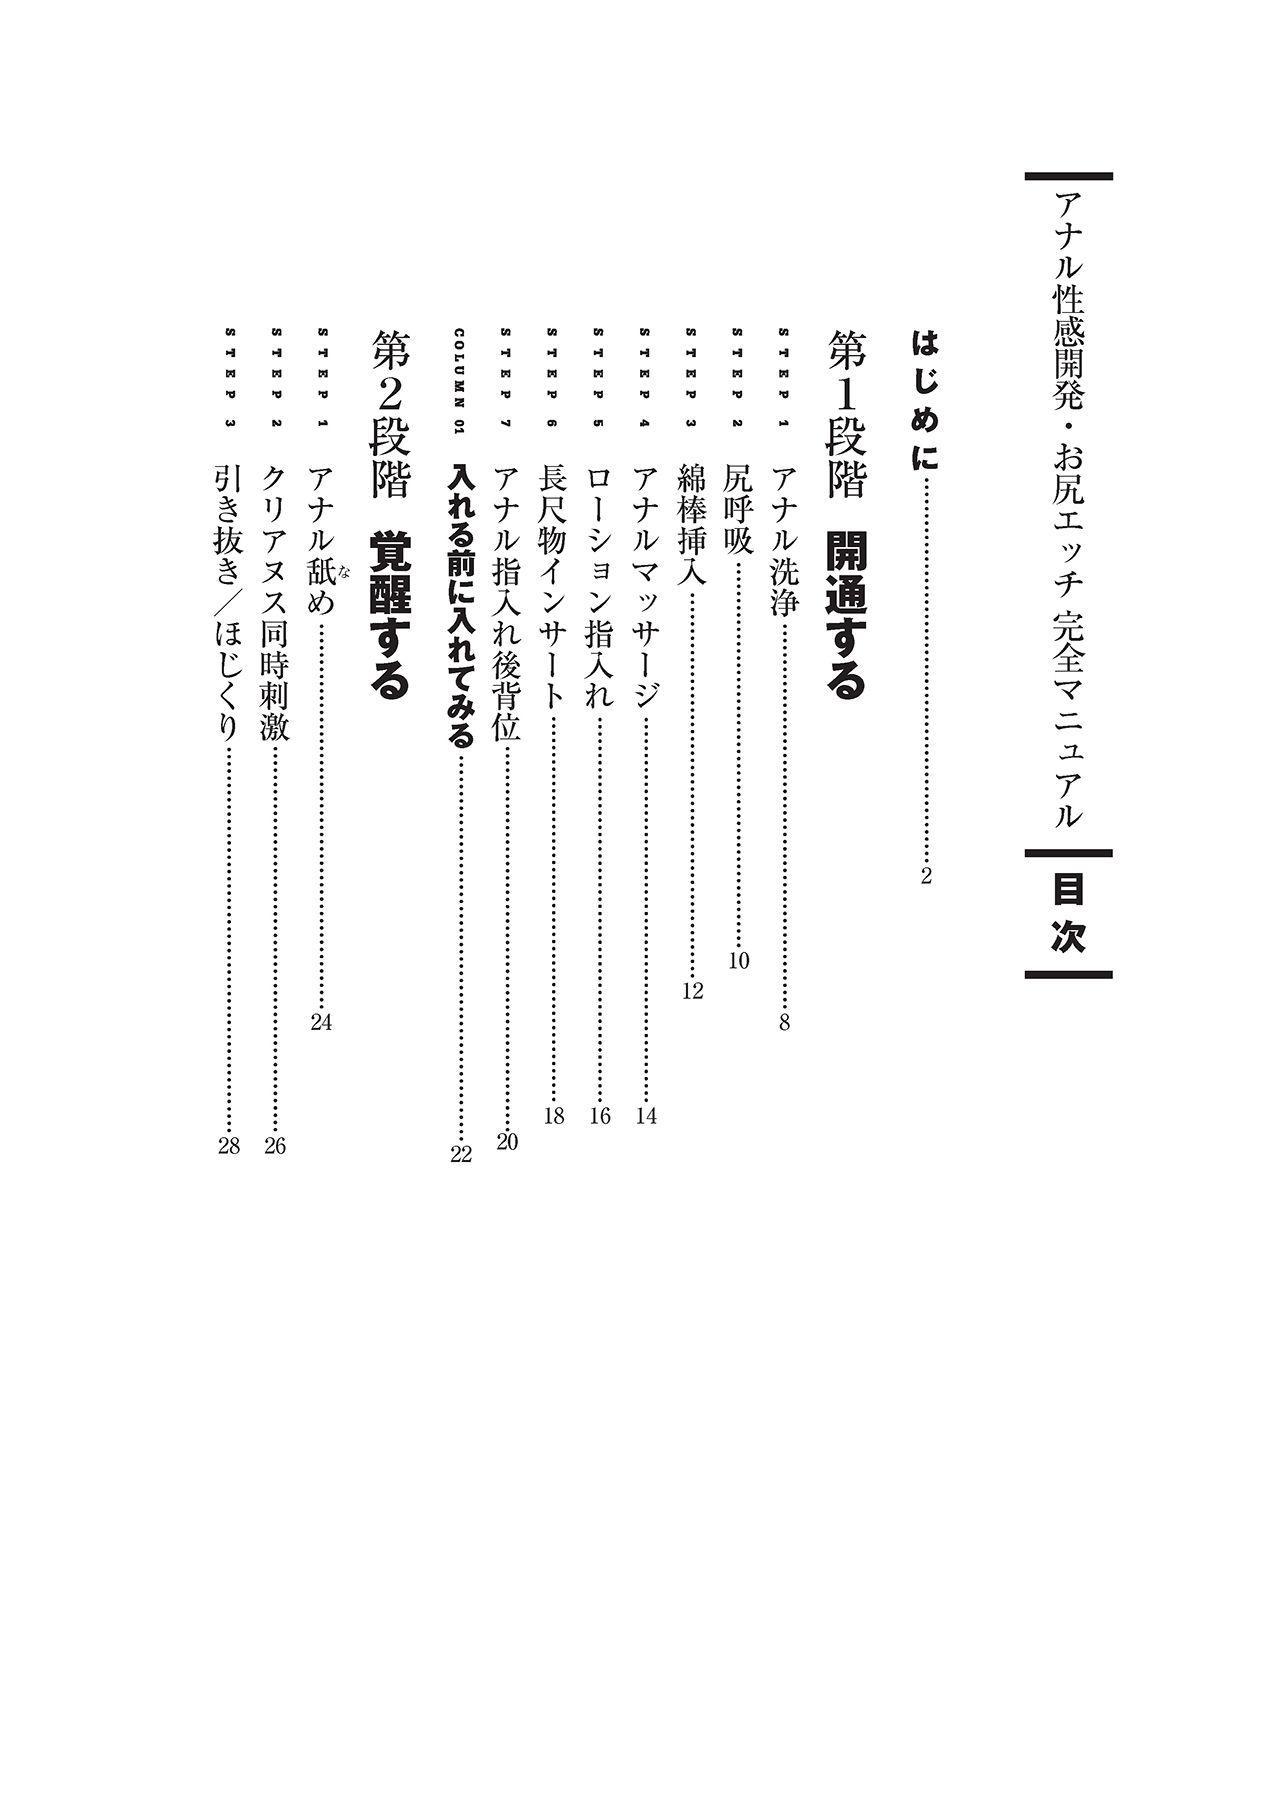 アナル性感開発・お尻エッチ 完全マニュアル 5